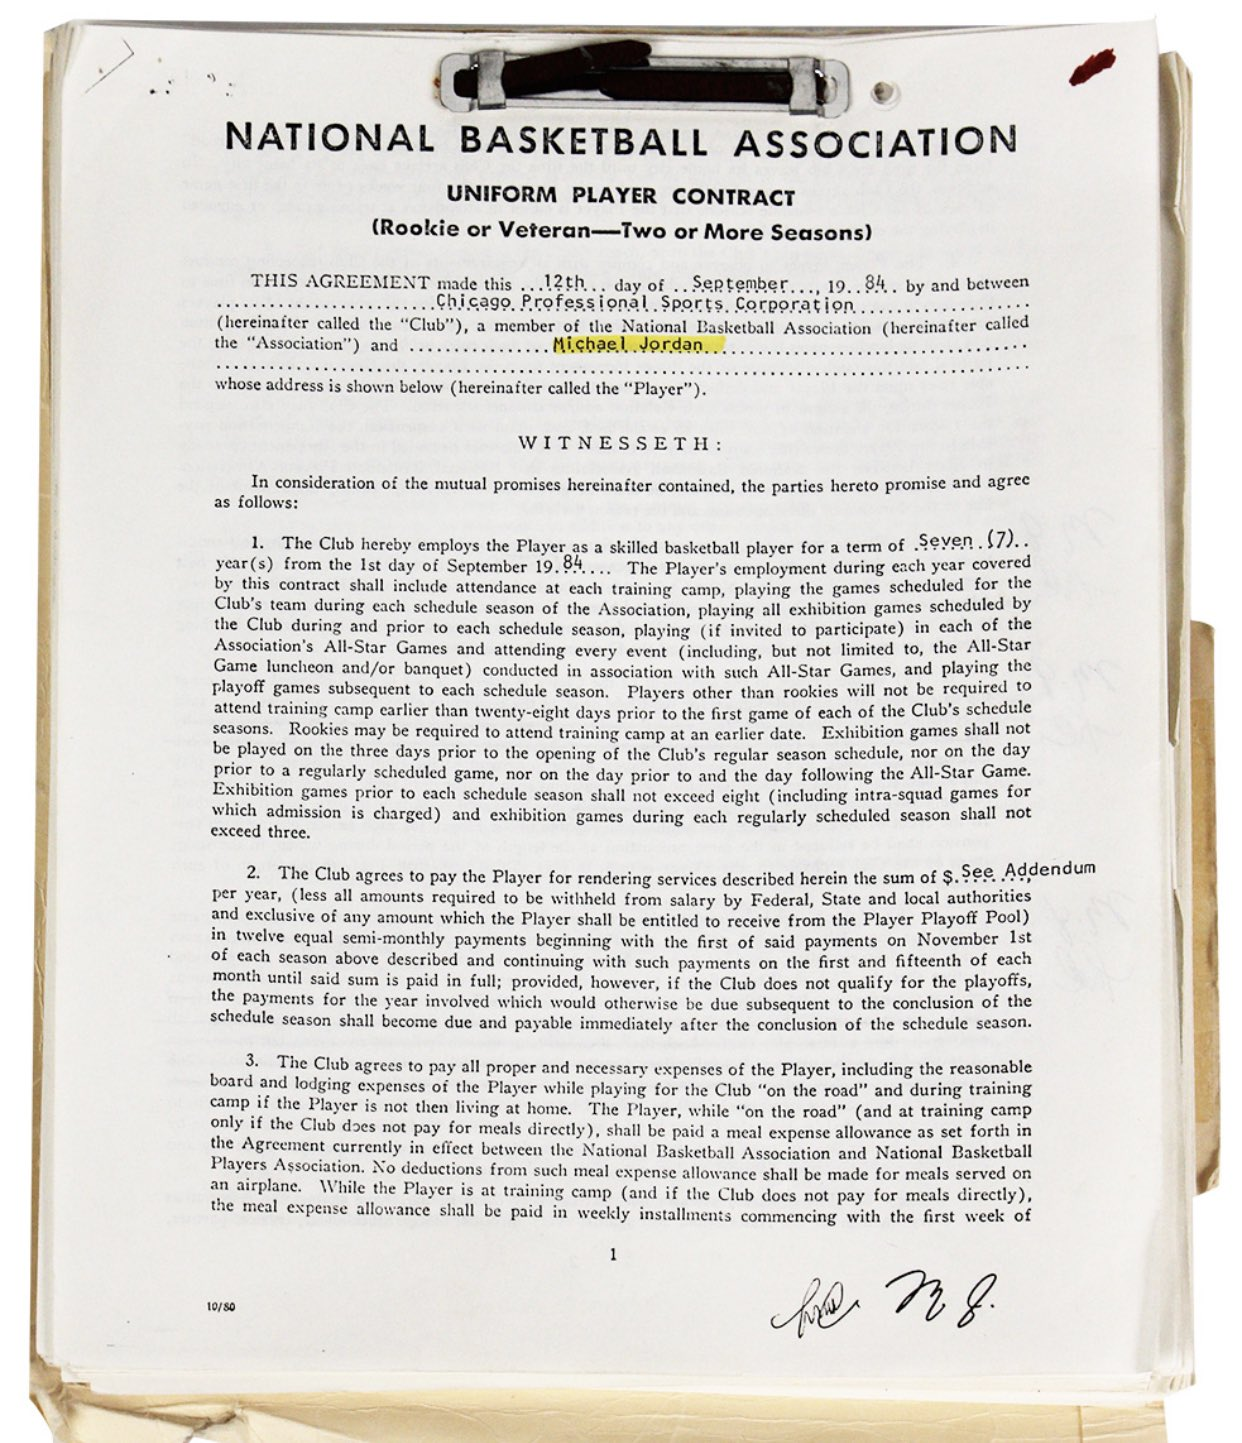 Csak másolat, de így is 57 ezer dollárt fizetett valaki Michael Jordan Bullsszal kötött szerződéséért